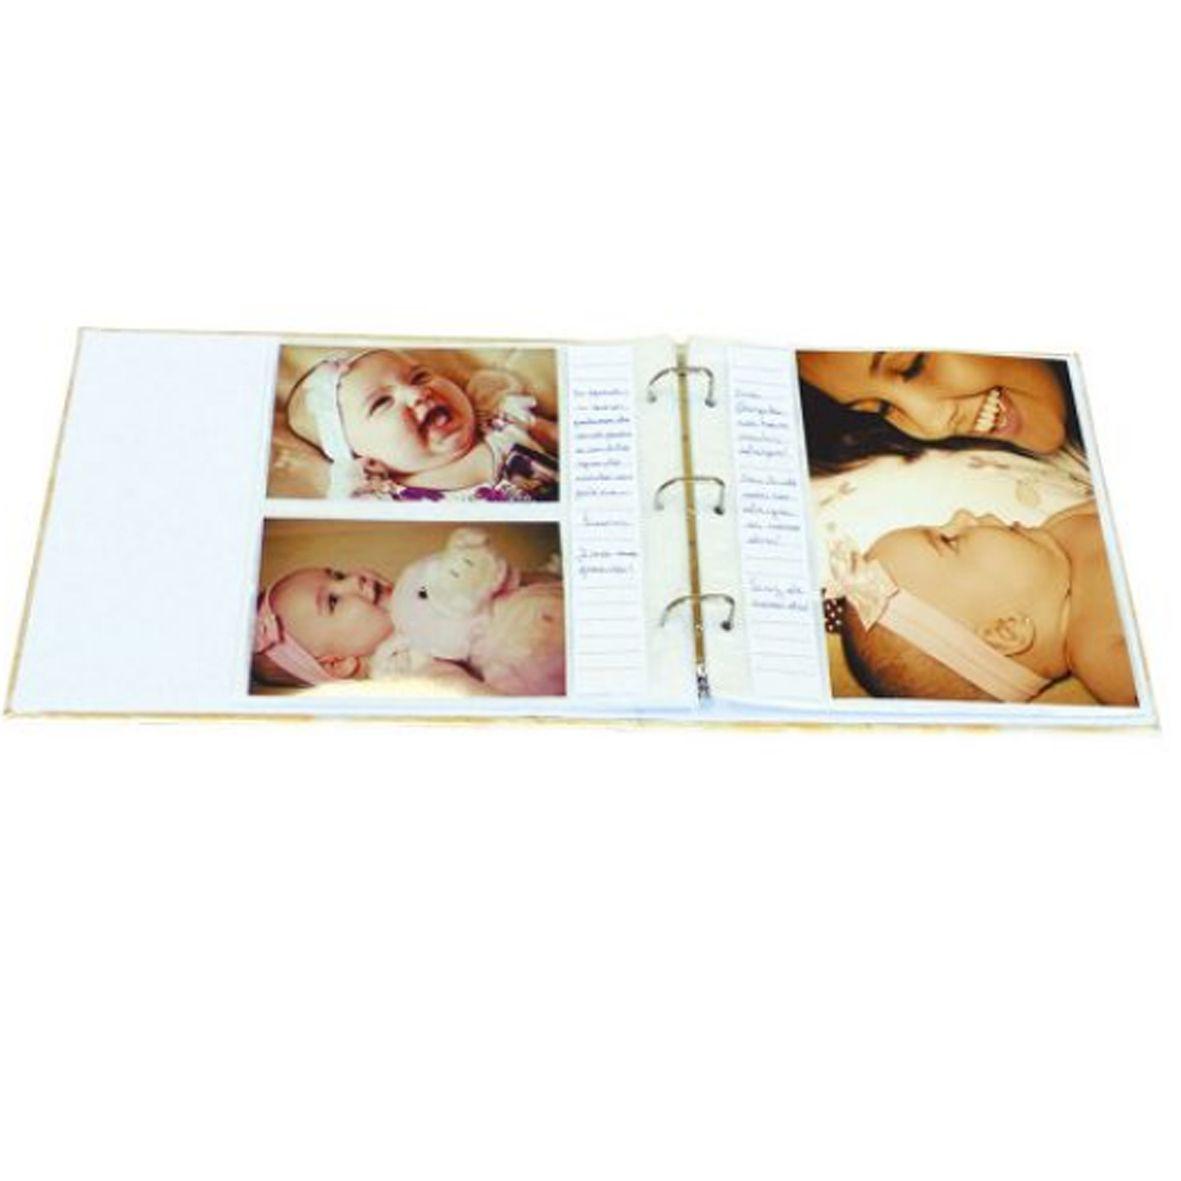 Álbum do bebe 120 fotos 10x15 Ical 09